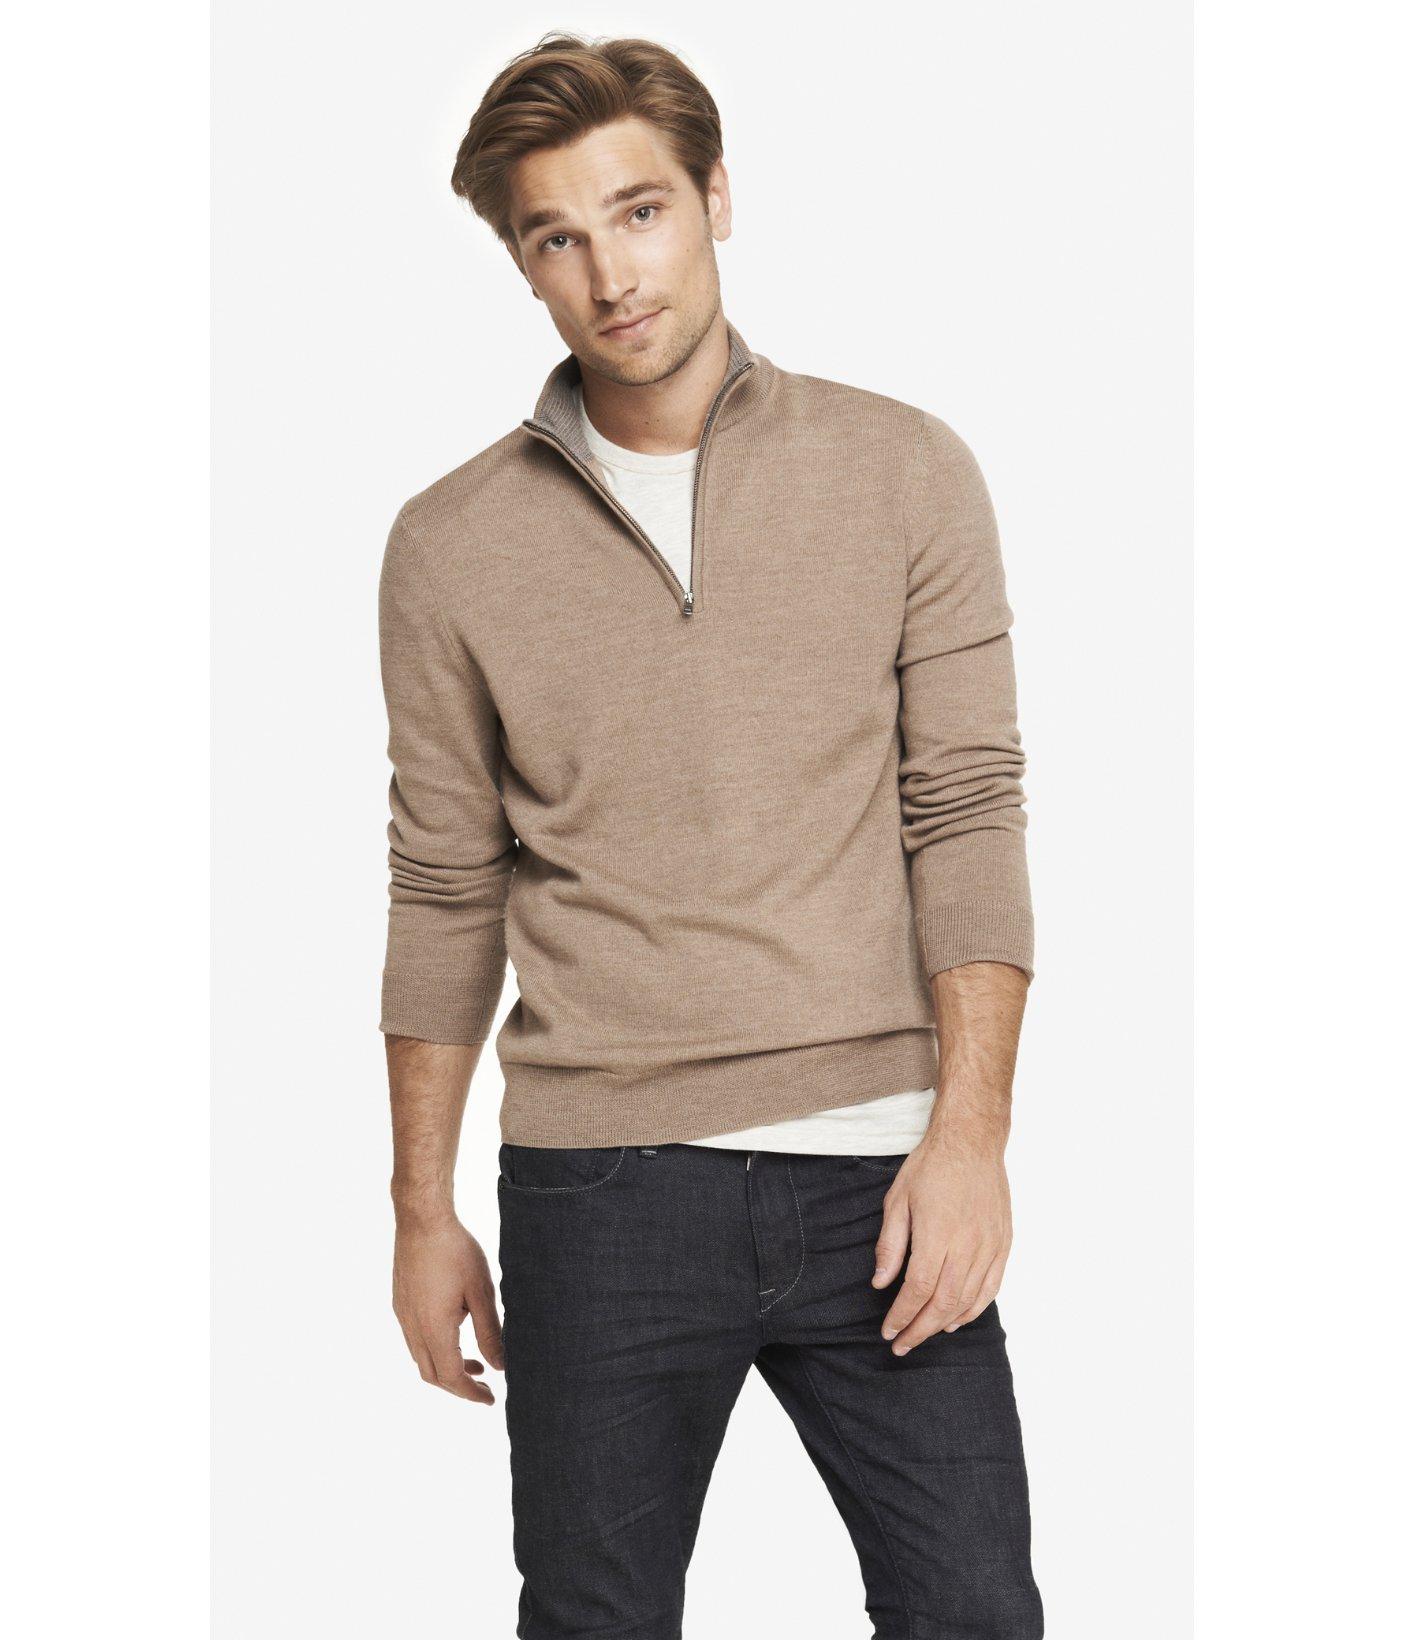 Merino Wool Zip Up Mock Neck Sweater 98